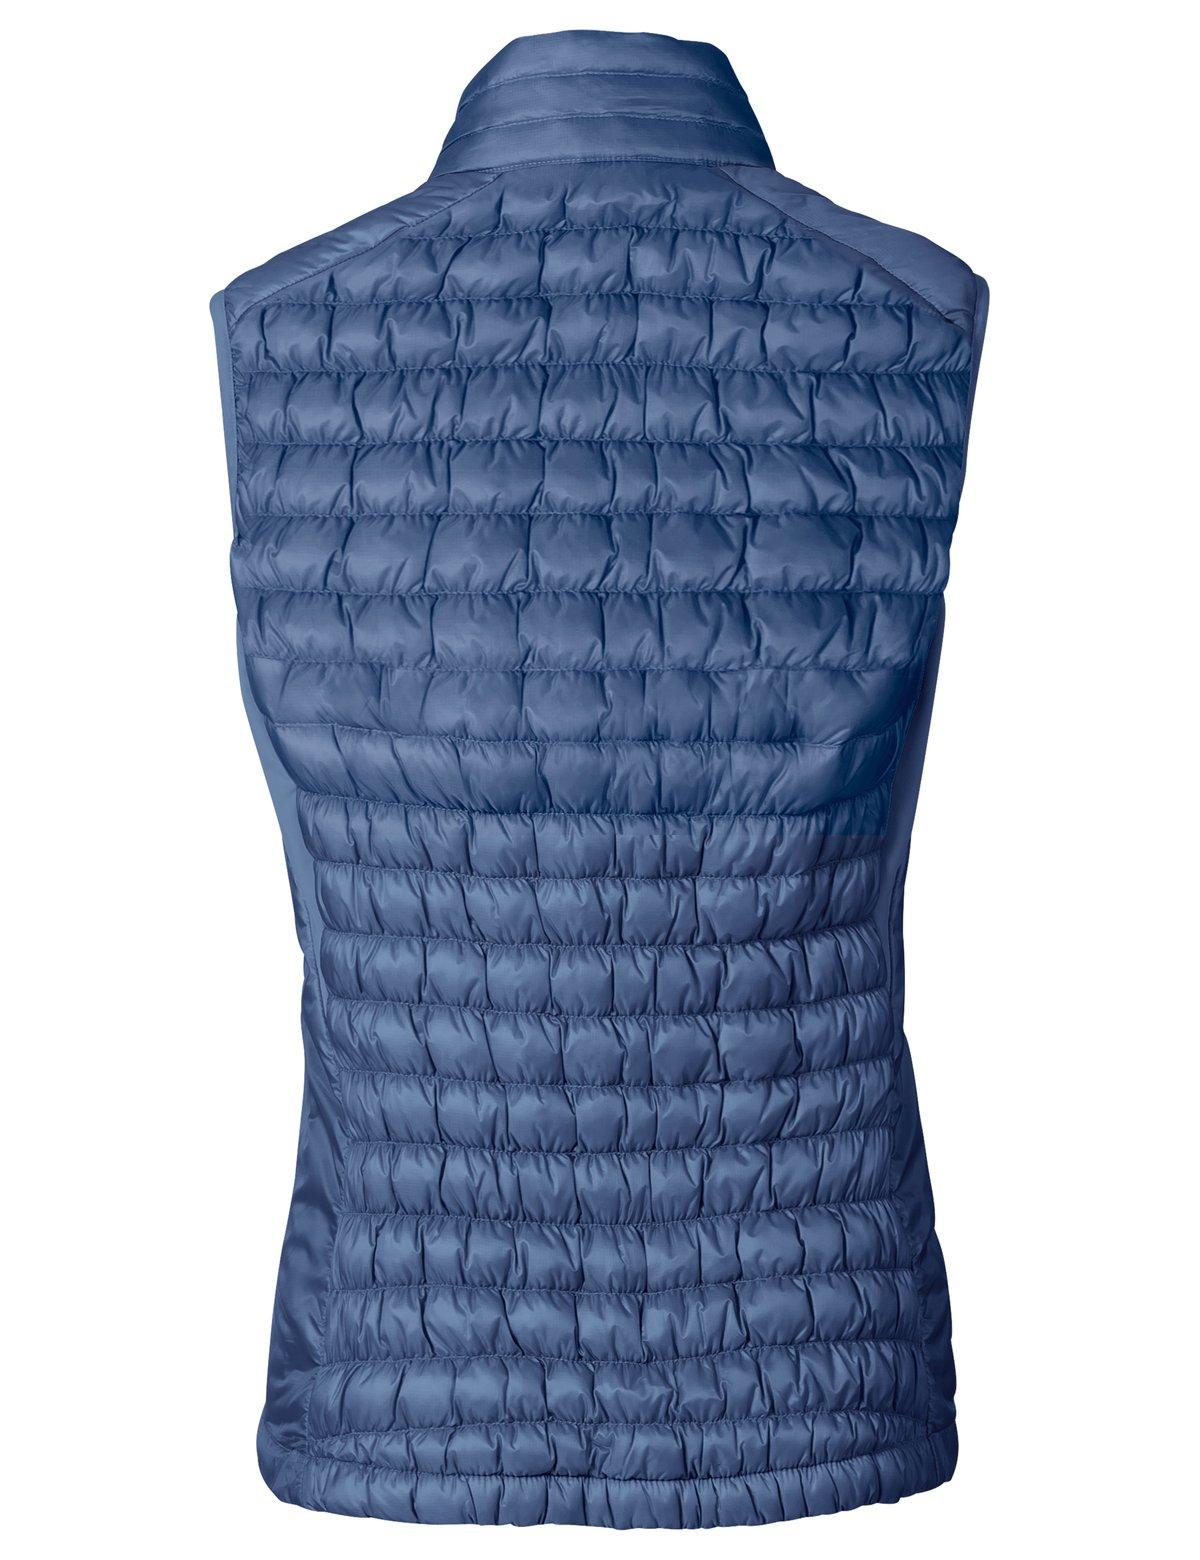 716MCOjvdCL - Vaude Kabru II Women's light Women's Gilet Vest